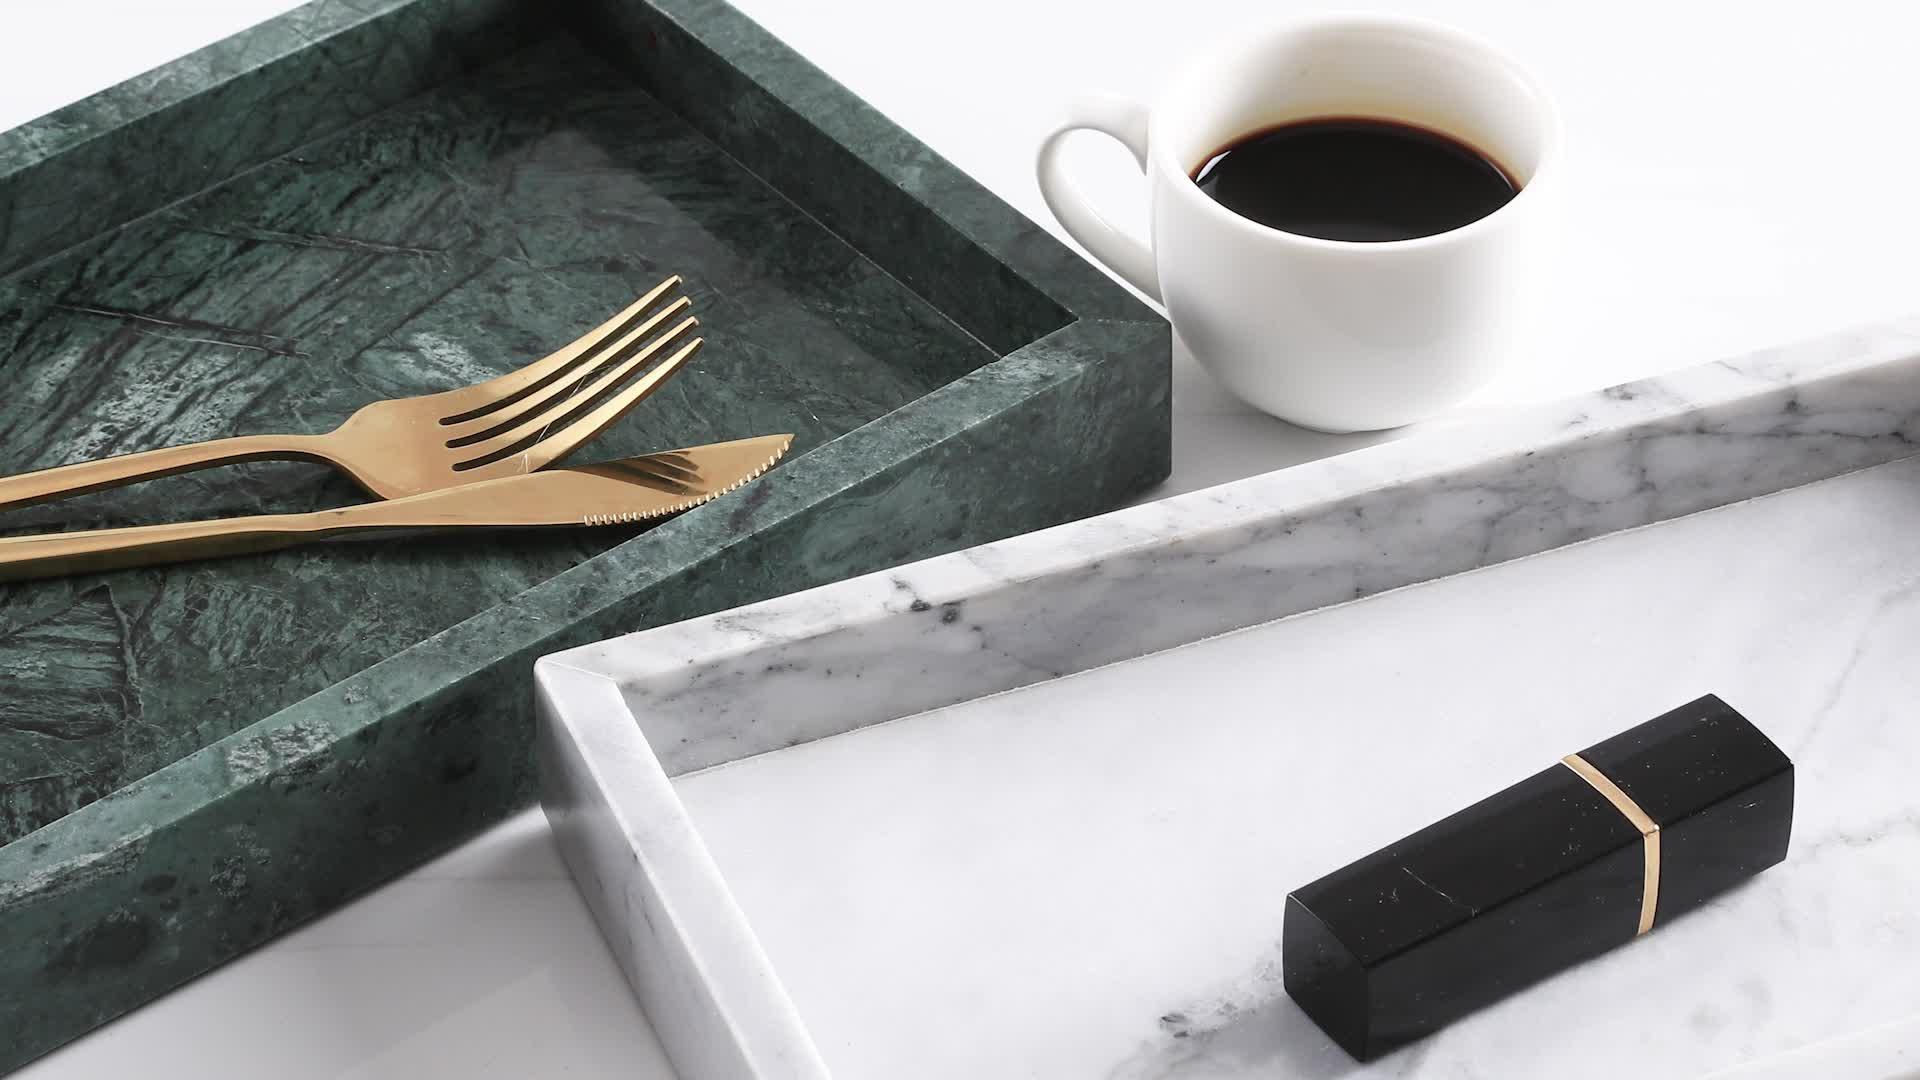 厂家直销北欧ins风大理石托盘糕点首饰浴室收纳展示托盒可定制